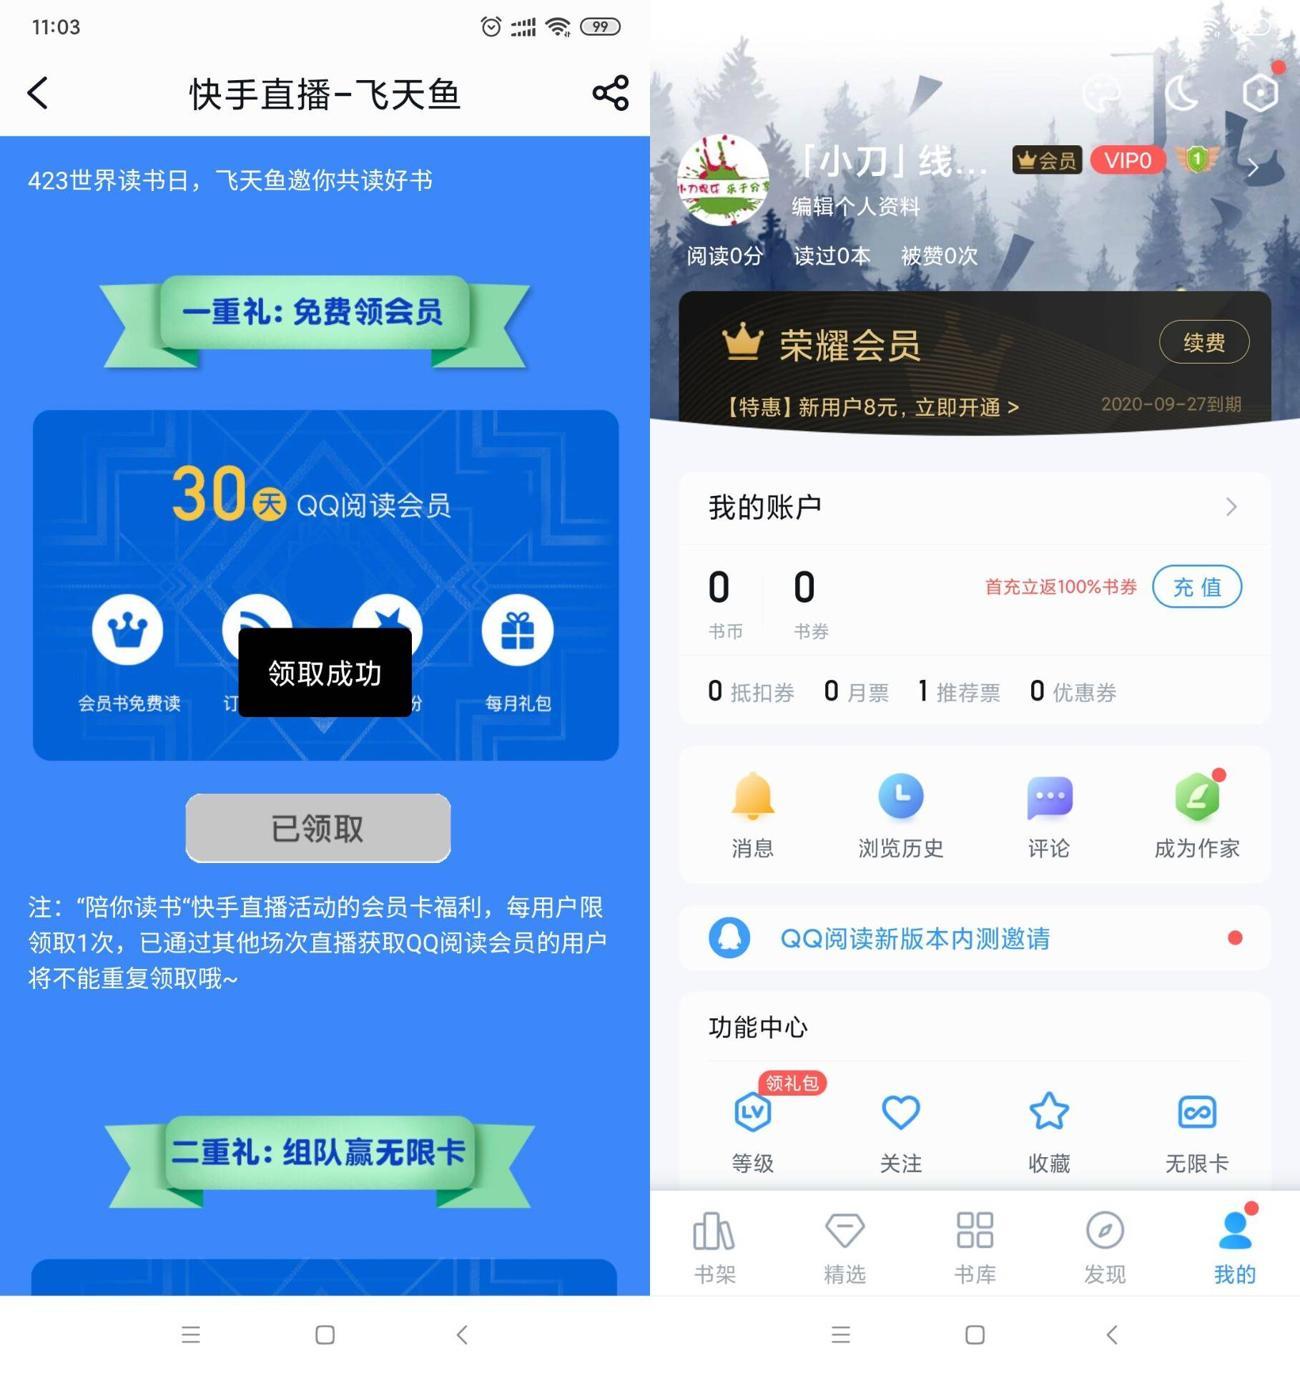 飞天鱼领取30天QQ阅读会员 活动线报 第1张